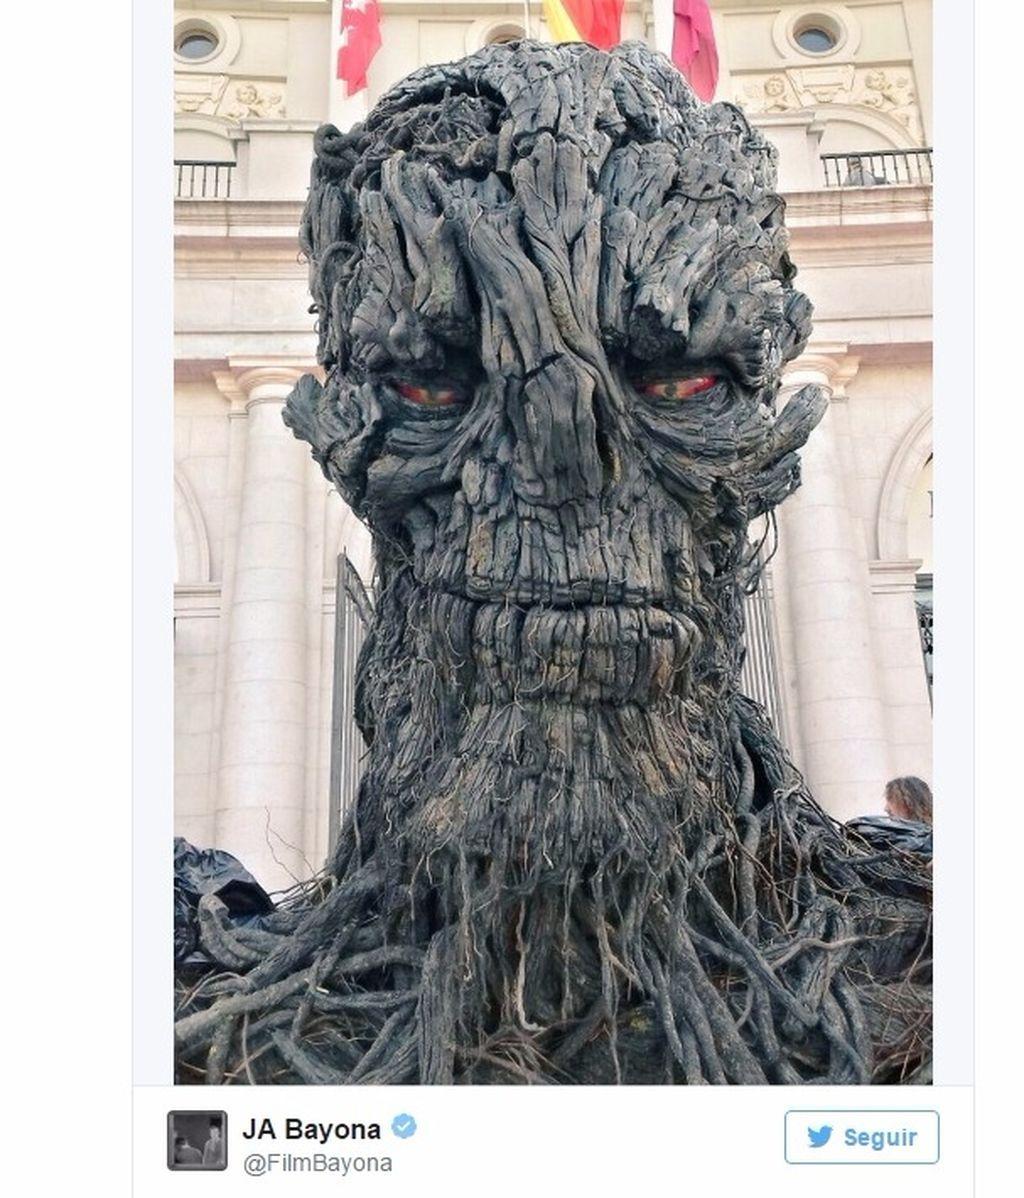 ¡El monstruo de Bayona ya está preparado para el preestreno de esta noche!